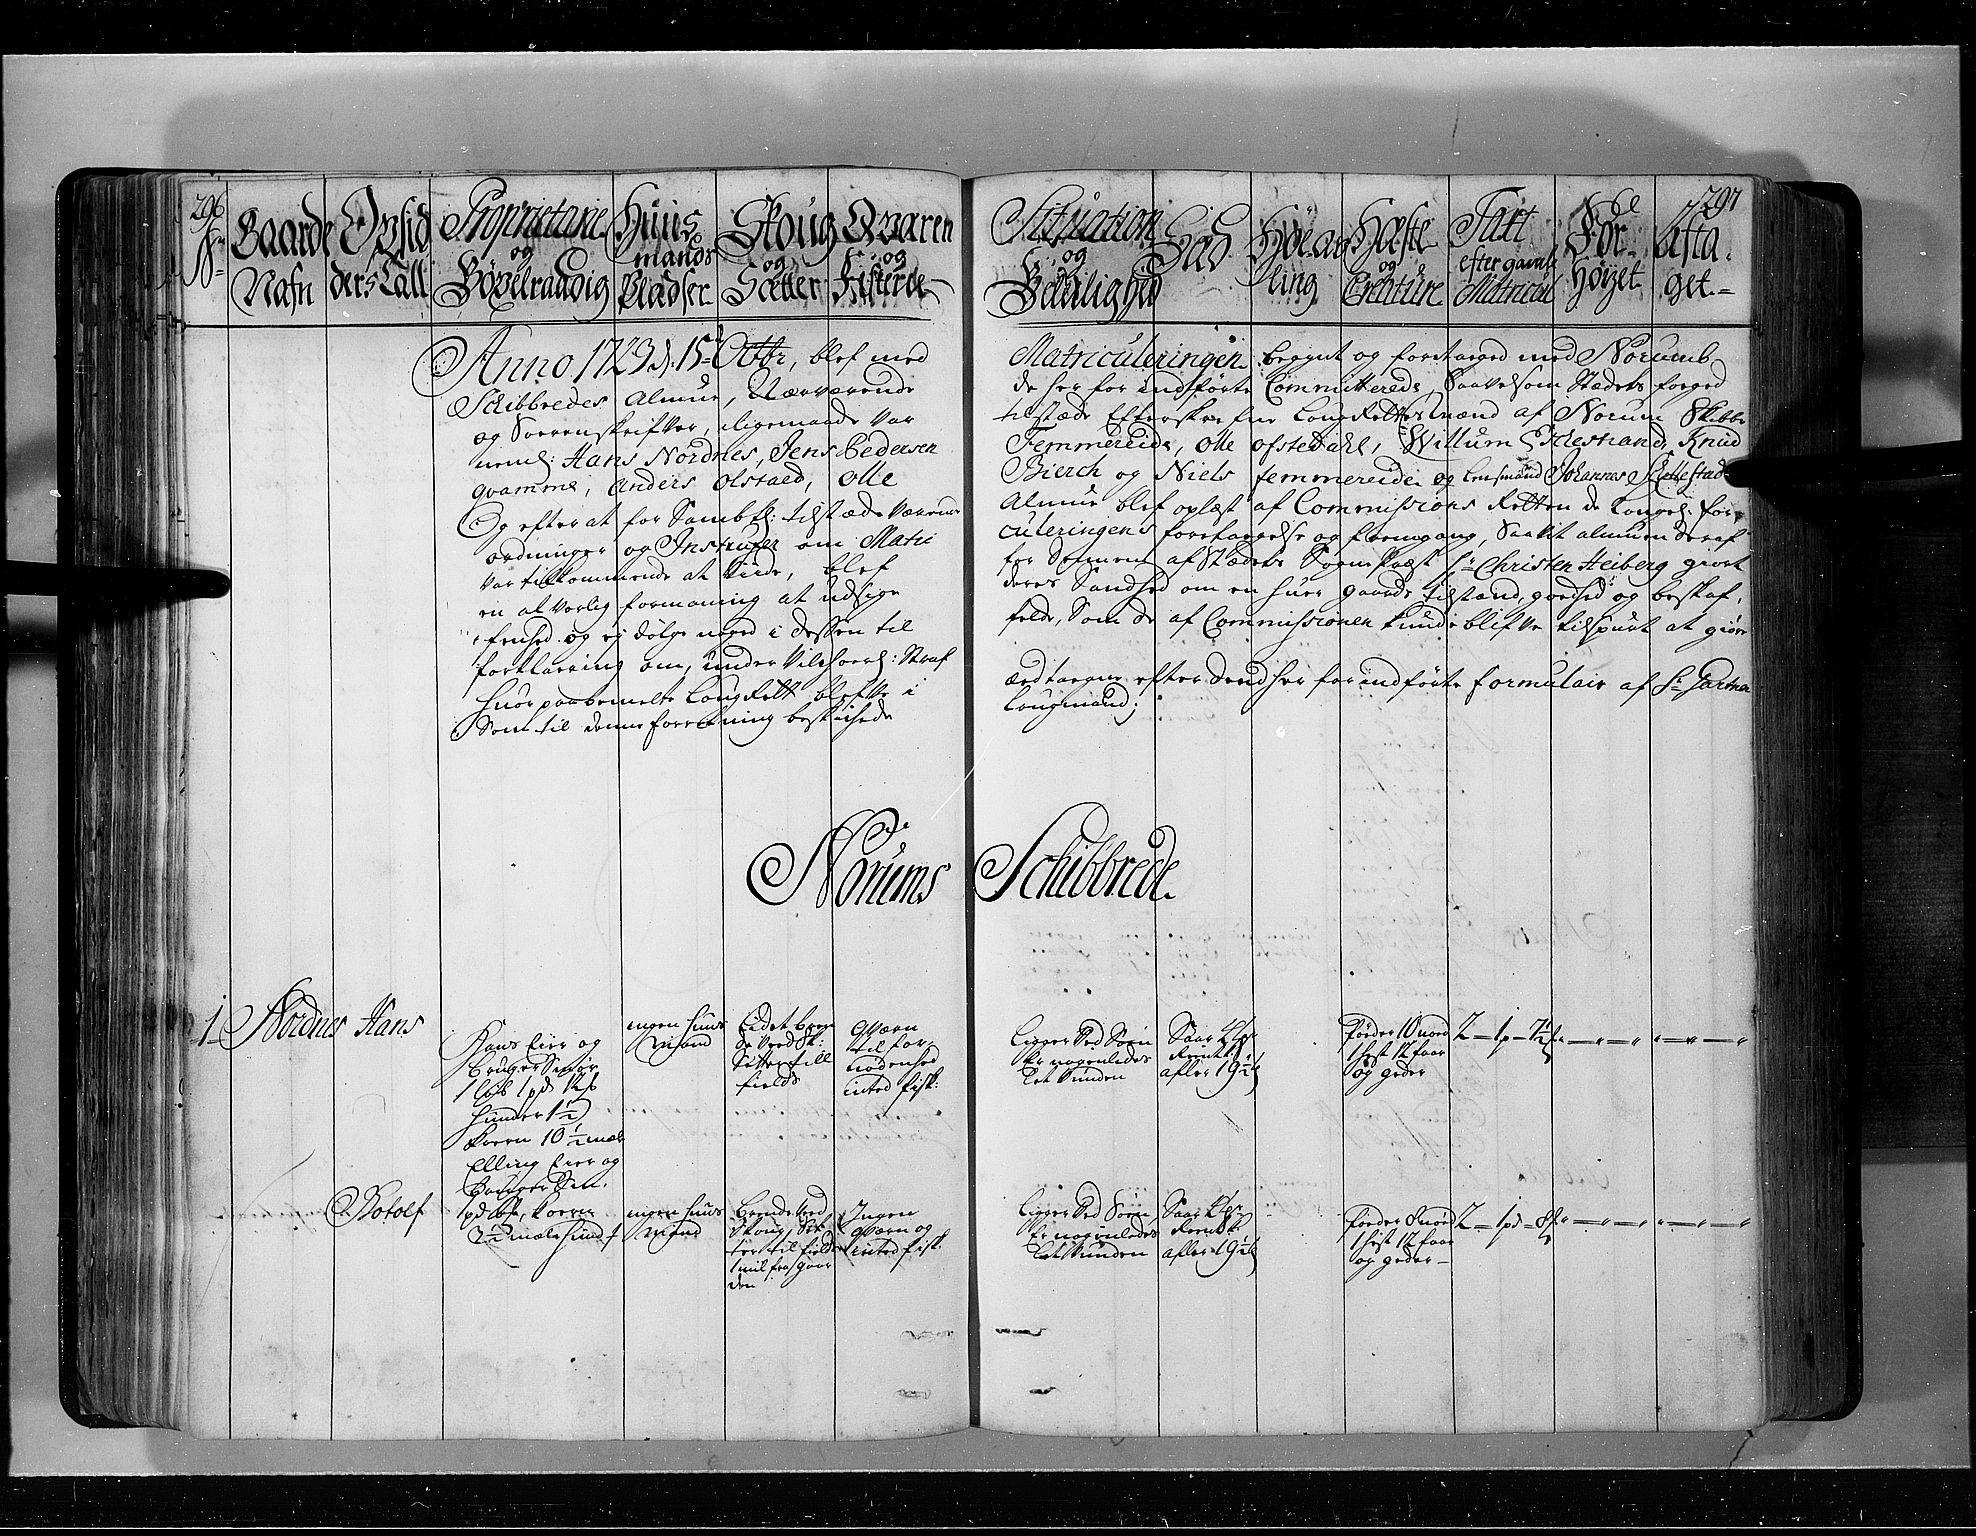 RA, Rentekammeret inntil 1814, Realistisk ordnet avdeling, N/Nb/Nbf/L0143: Ytre og Indre Sogn eksaminasjonsprotokoll, 1723, s. 296-297